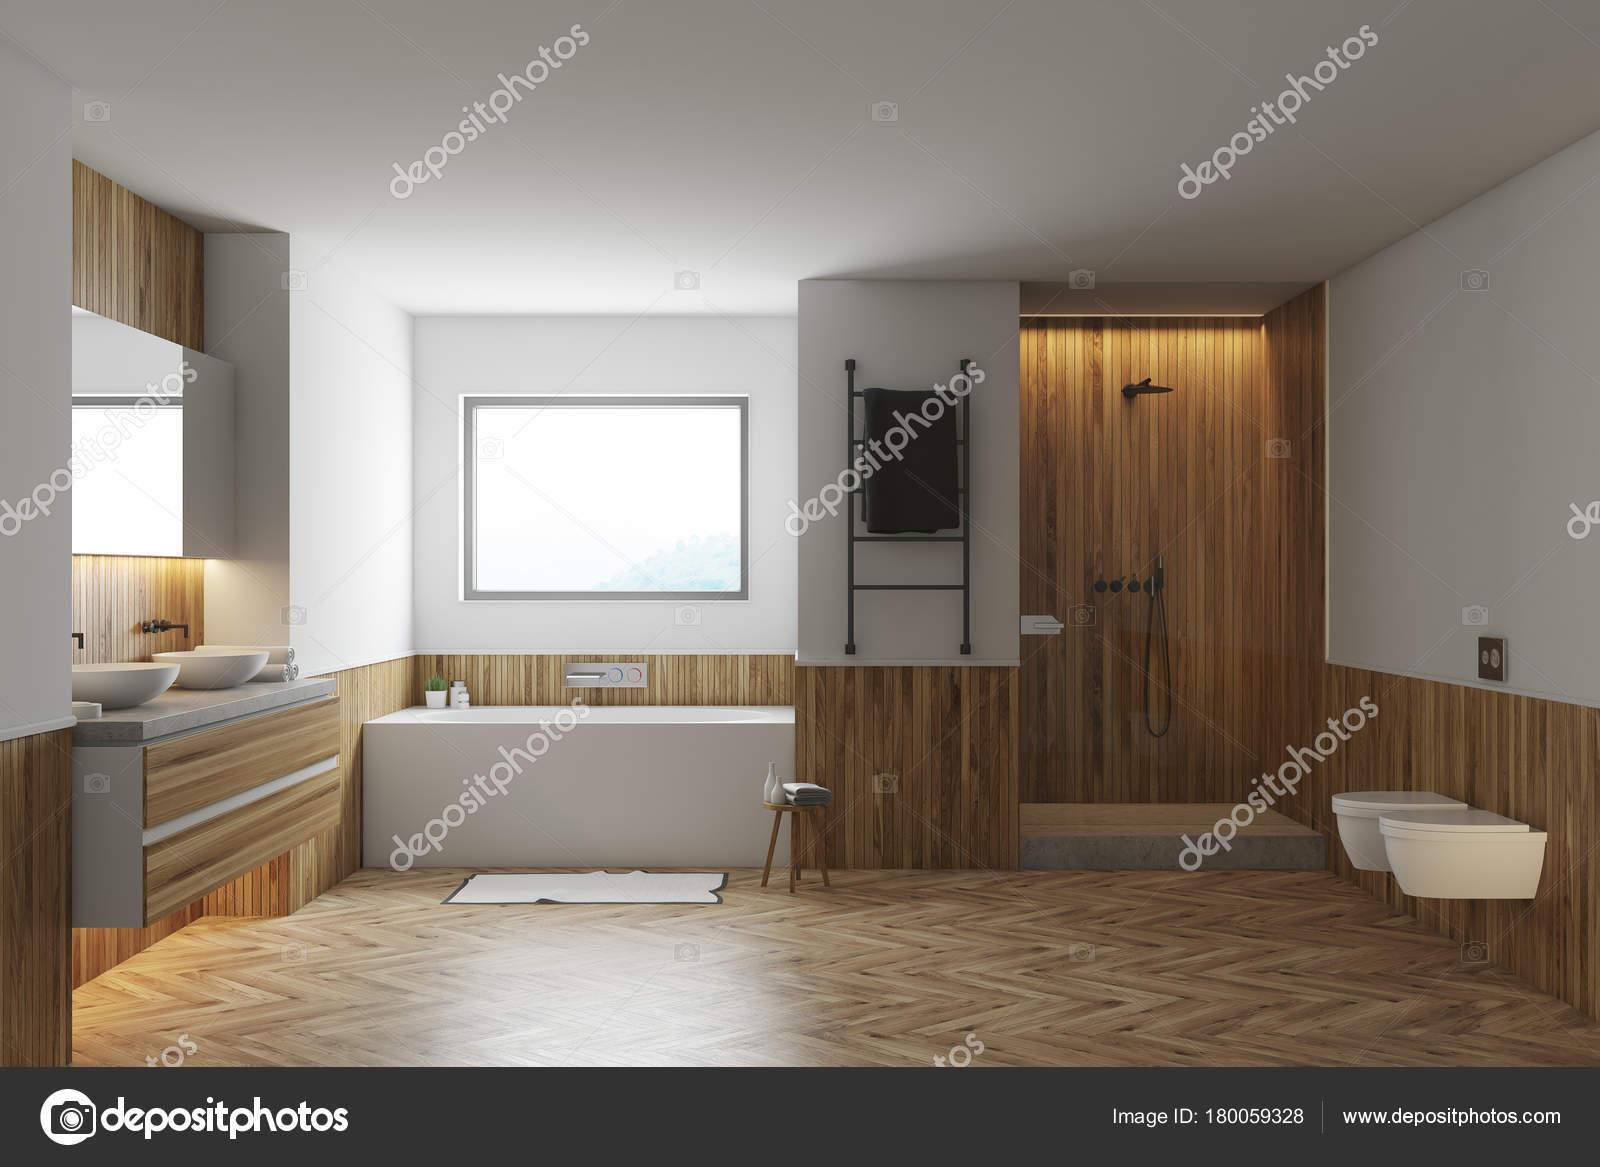 Weiß Und Holz Badezimmer Interieur Mit Einen Hölzernen Fußboden, Eine Weiße  Badewanne Und Zwei Waschbecken. Ansicht Von Vorne. 3D Rendering, Mock Up U2014  Foto ...